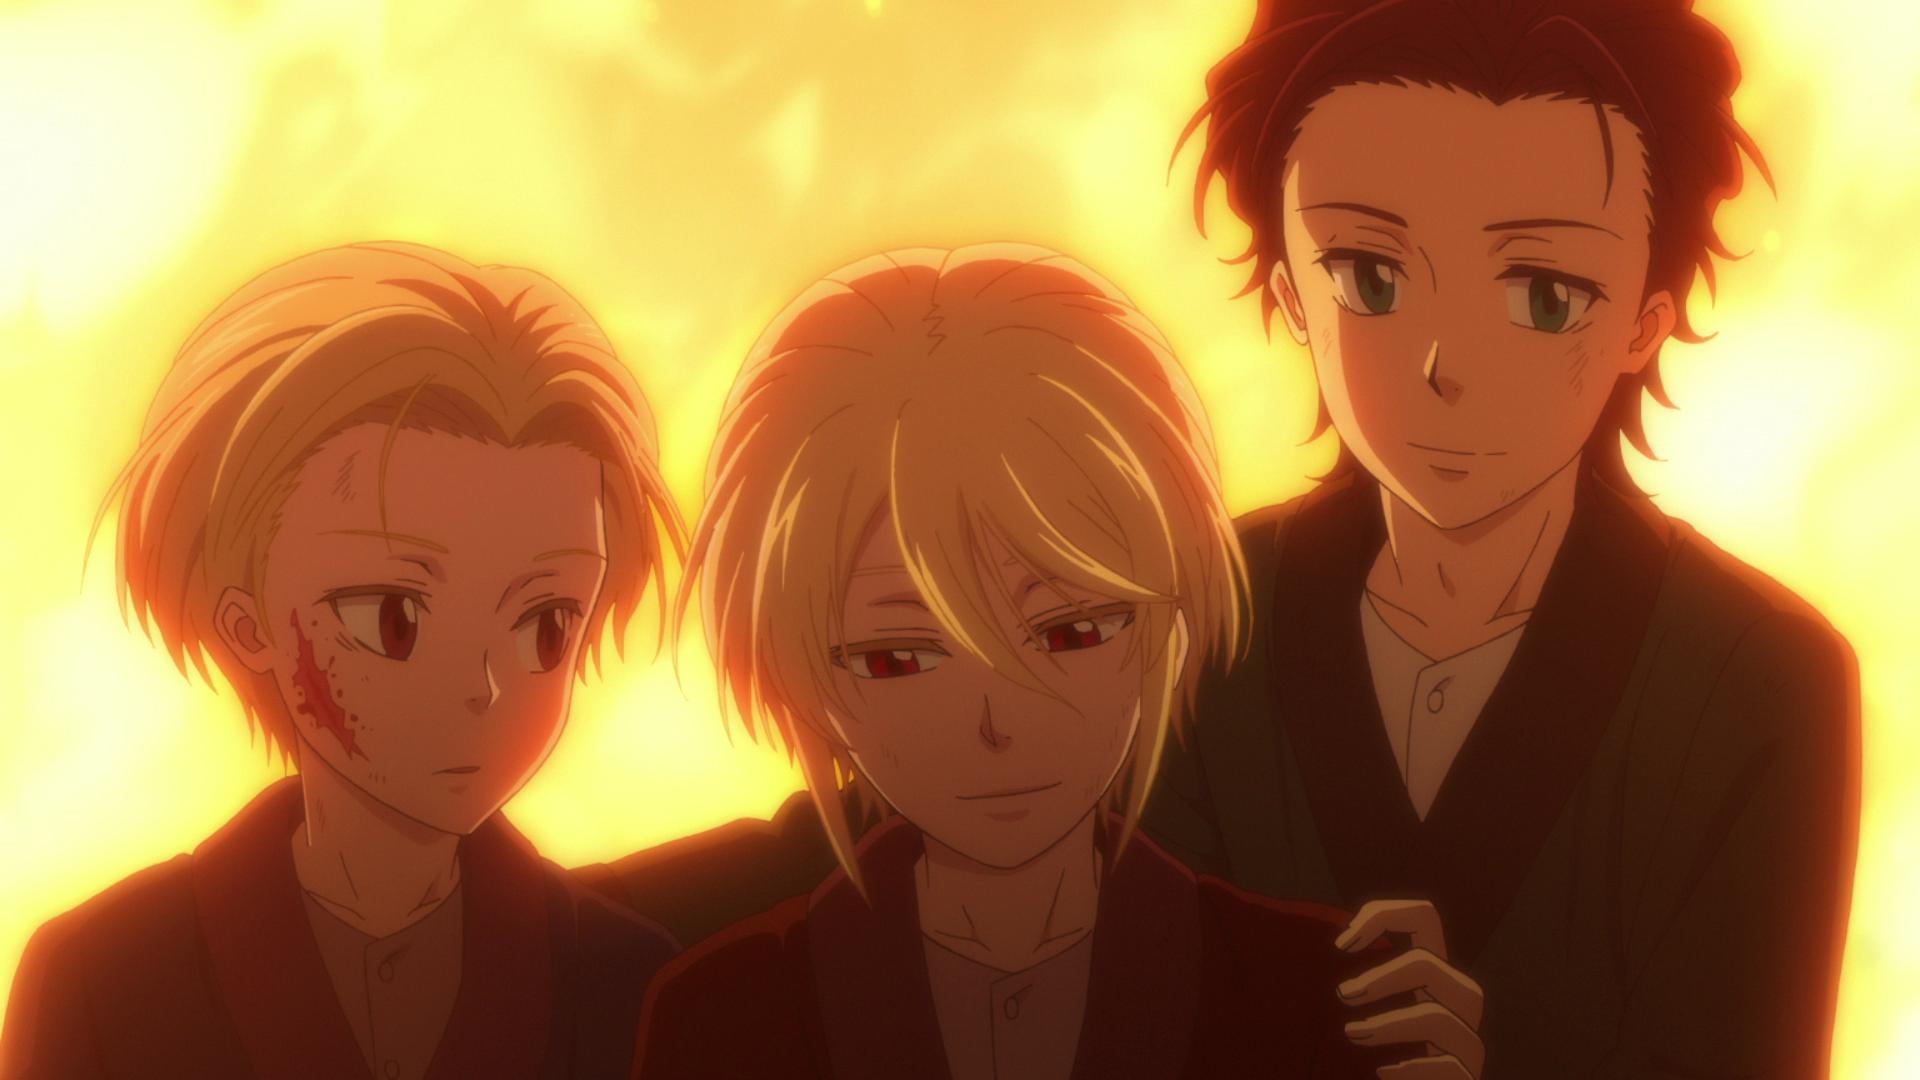 TVアニメ『憂国のモリアーティ』3話感想 階級制度が蔓延る世界を変えるために3人の少年が動き出す!